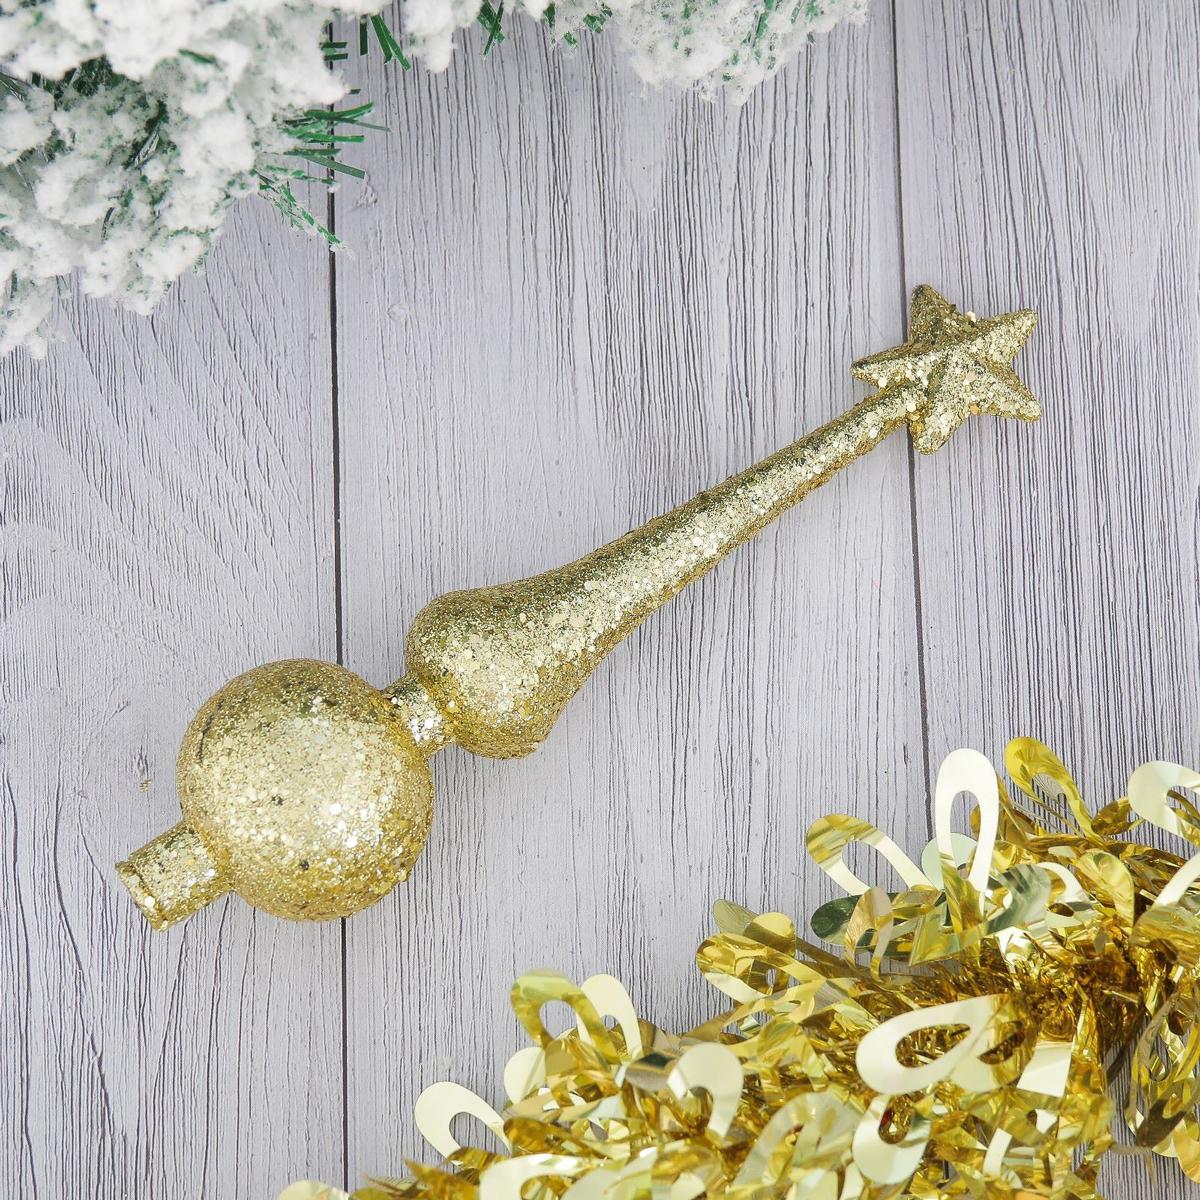 Верхушка на елку Золотая россыпь, 4 х 18 см2371116Верхушка на елку выполнена из высококачественного пластика. Изделие будет прекрасно смотреться на новогодней елке. Верхушка на елку - одно из главных новогодних украшений лесной красавицы. Она принесет в ваш дом ни с чем не сравнимое ощущение праздника! Новогодние украшения несут в себе волшебство. Они помогут вам украсить дом к предстоящим праздникам и оживить интерьер по вашему вкусу. Создайте в доме атмосферу тепла, веселья и радости, украшая его всей семьей.